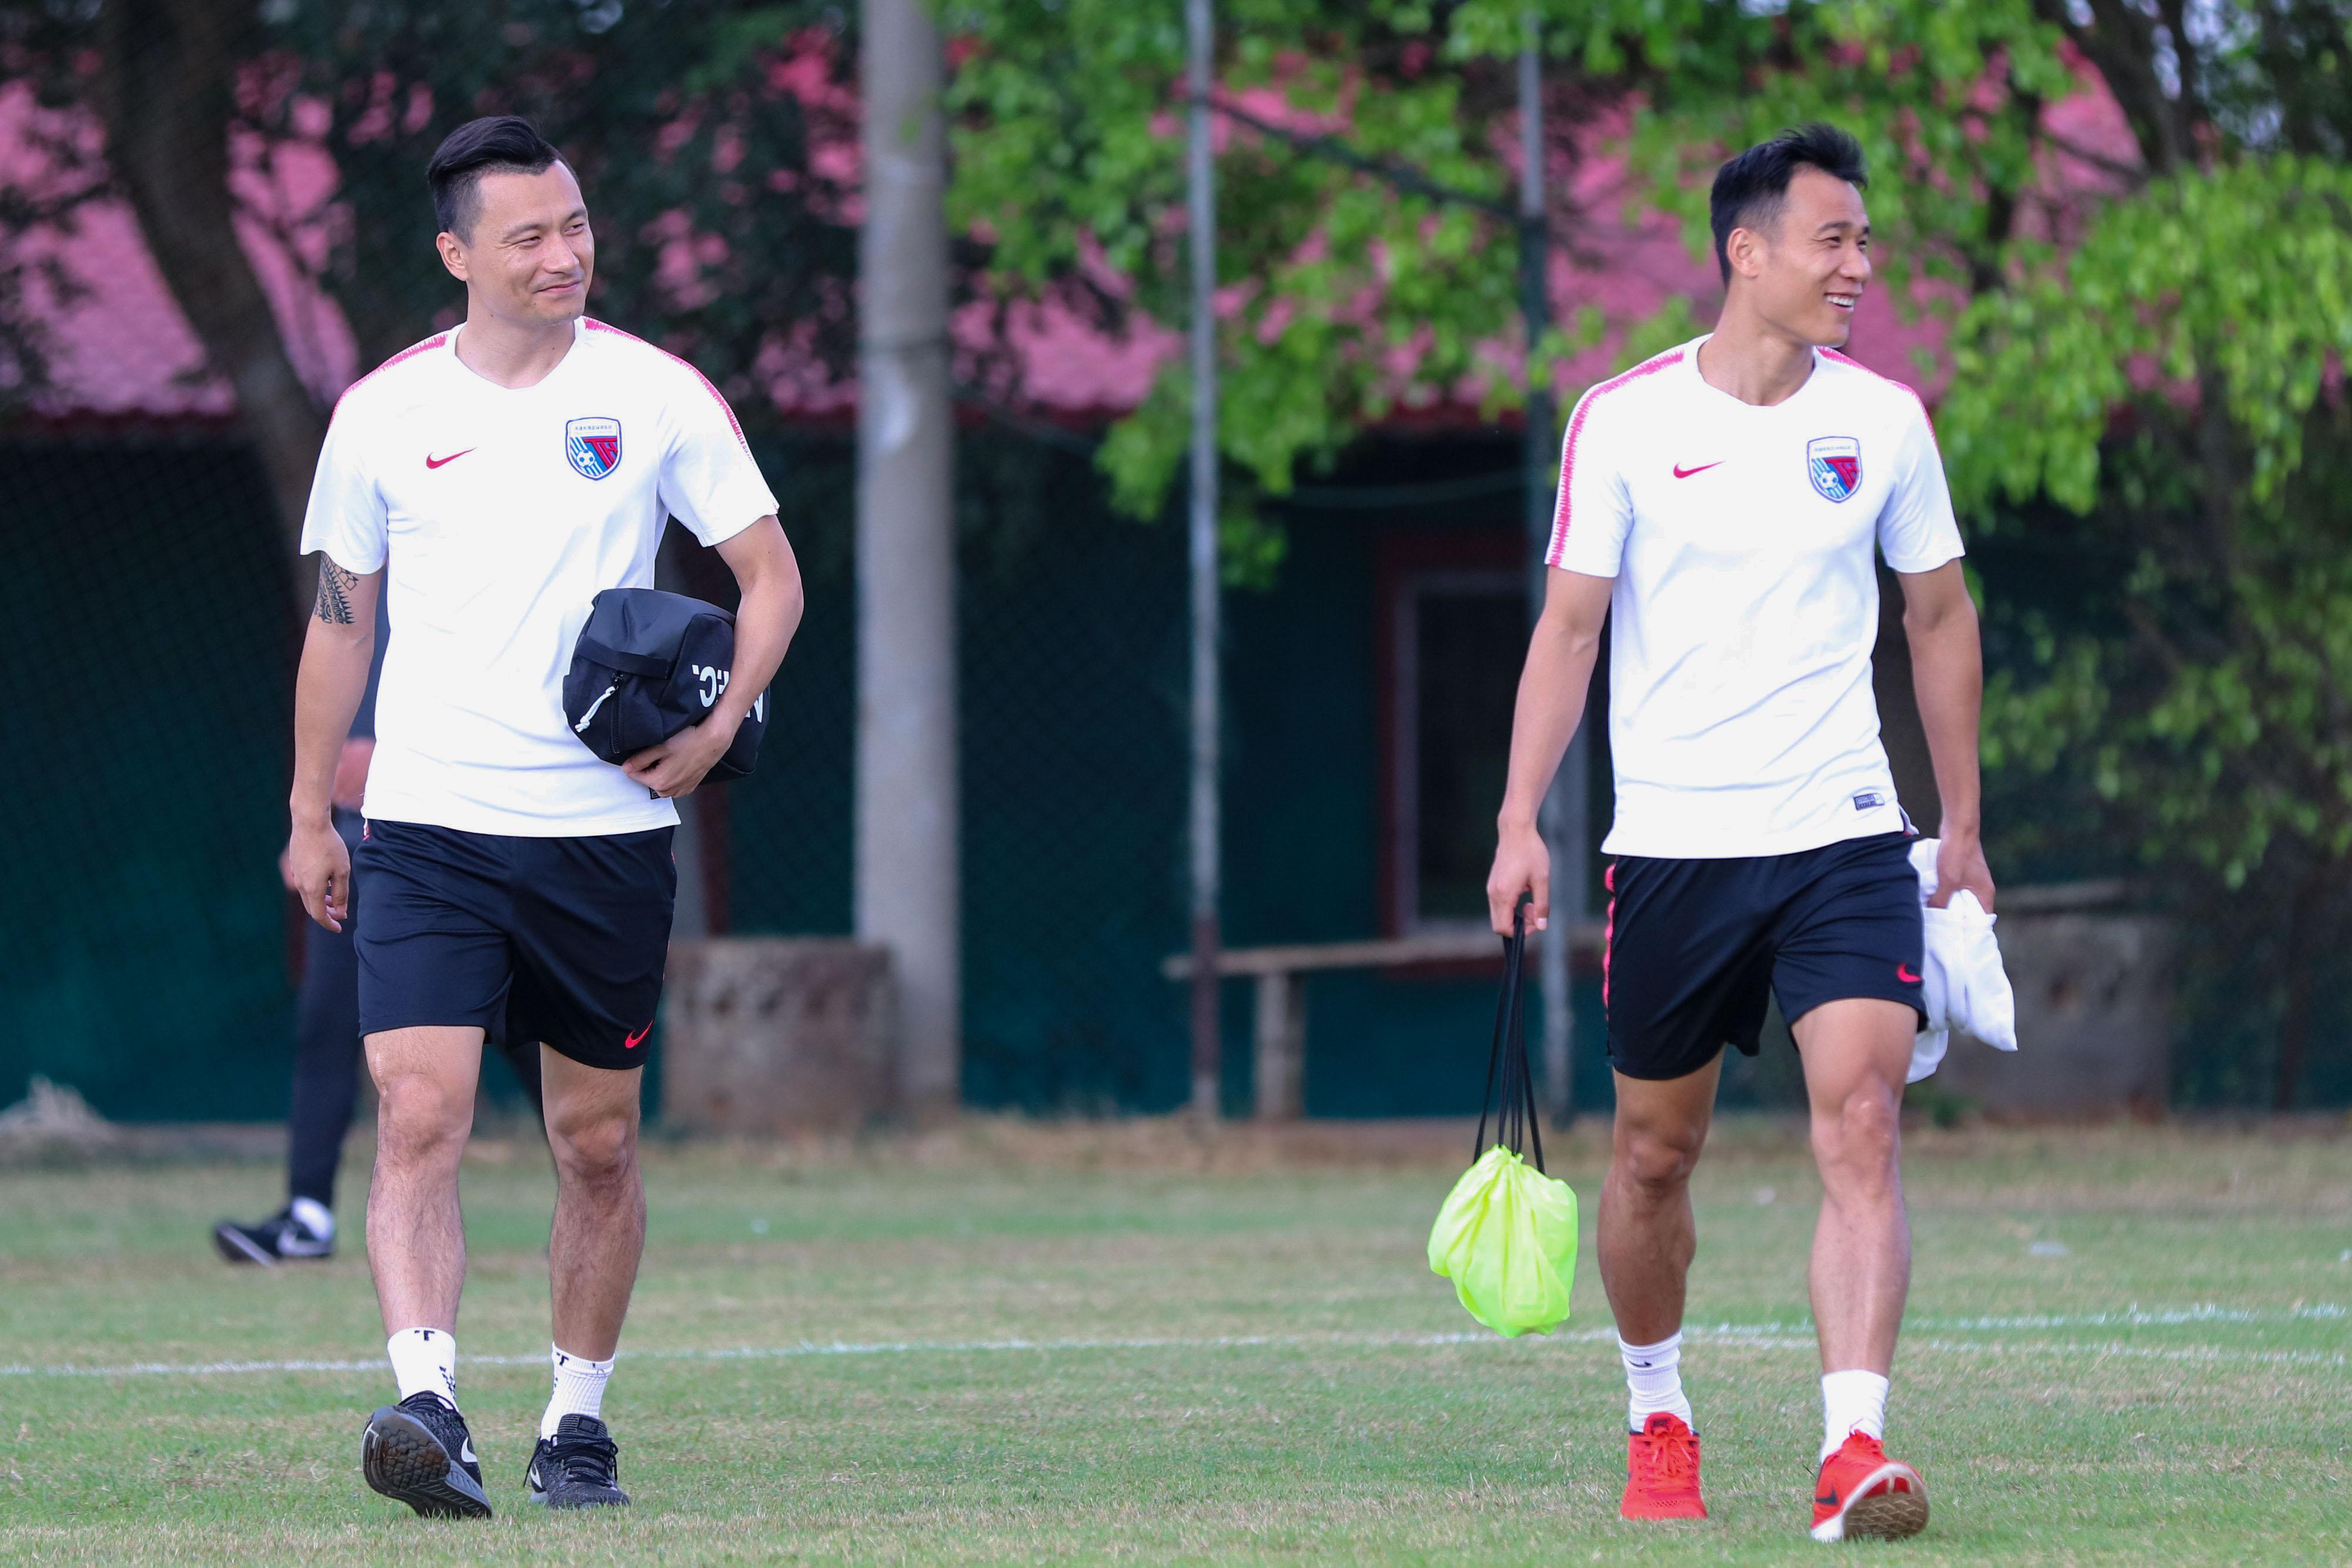 多图流:郜林参与天海合练,张成林留队未受传闻影响